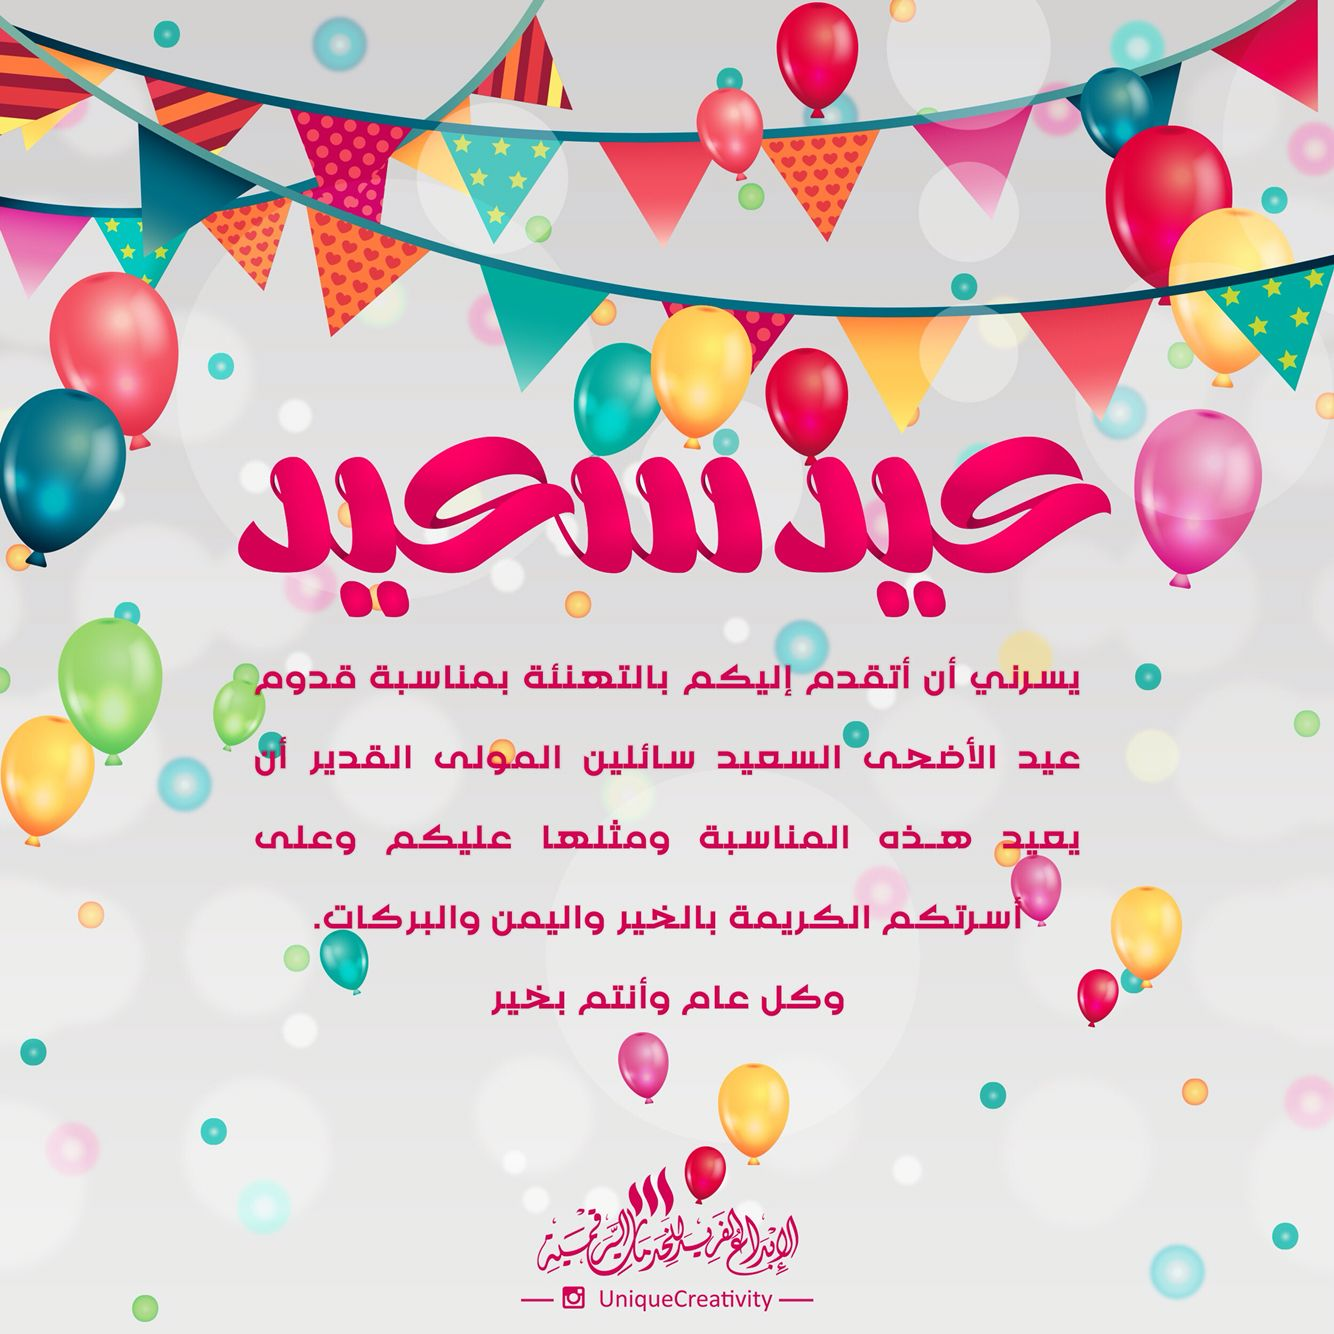 كل عام وأنتم بخير Happy Eid عيد عيد سعيد عيدكم مبارك عيد الاضحى عيد الحج يوم عرفة اسلاميات المصمم تصميم تصامي Eid Mubarak Card Eid Mubarak Eid